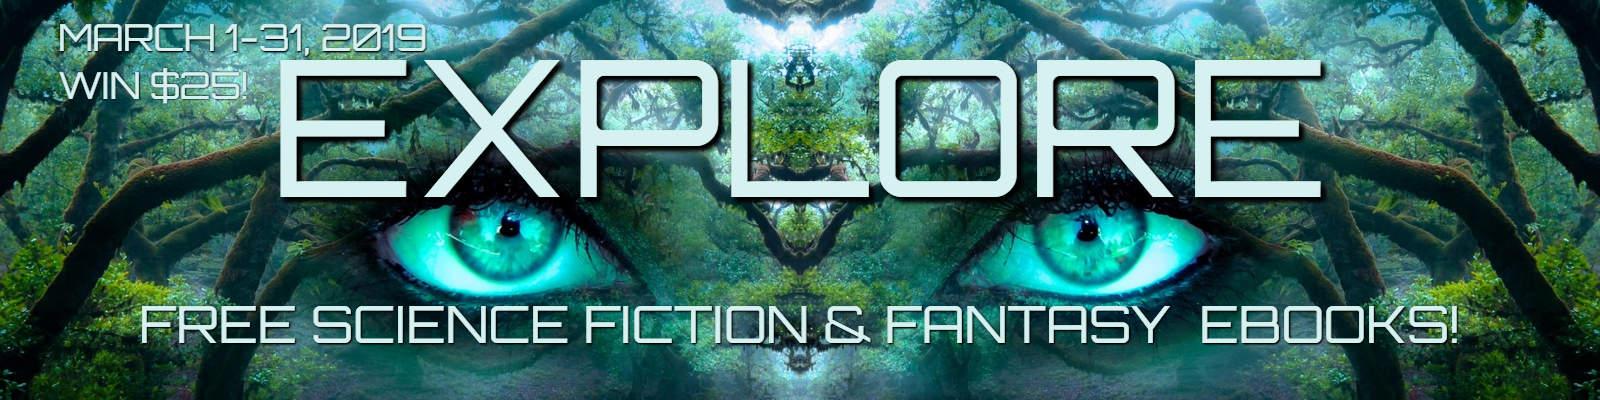 Explore Sci-fi and Fantasy